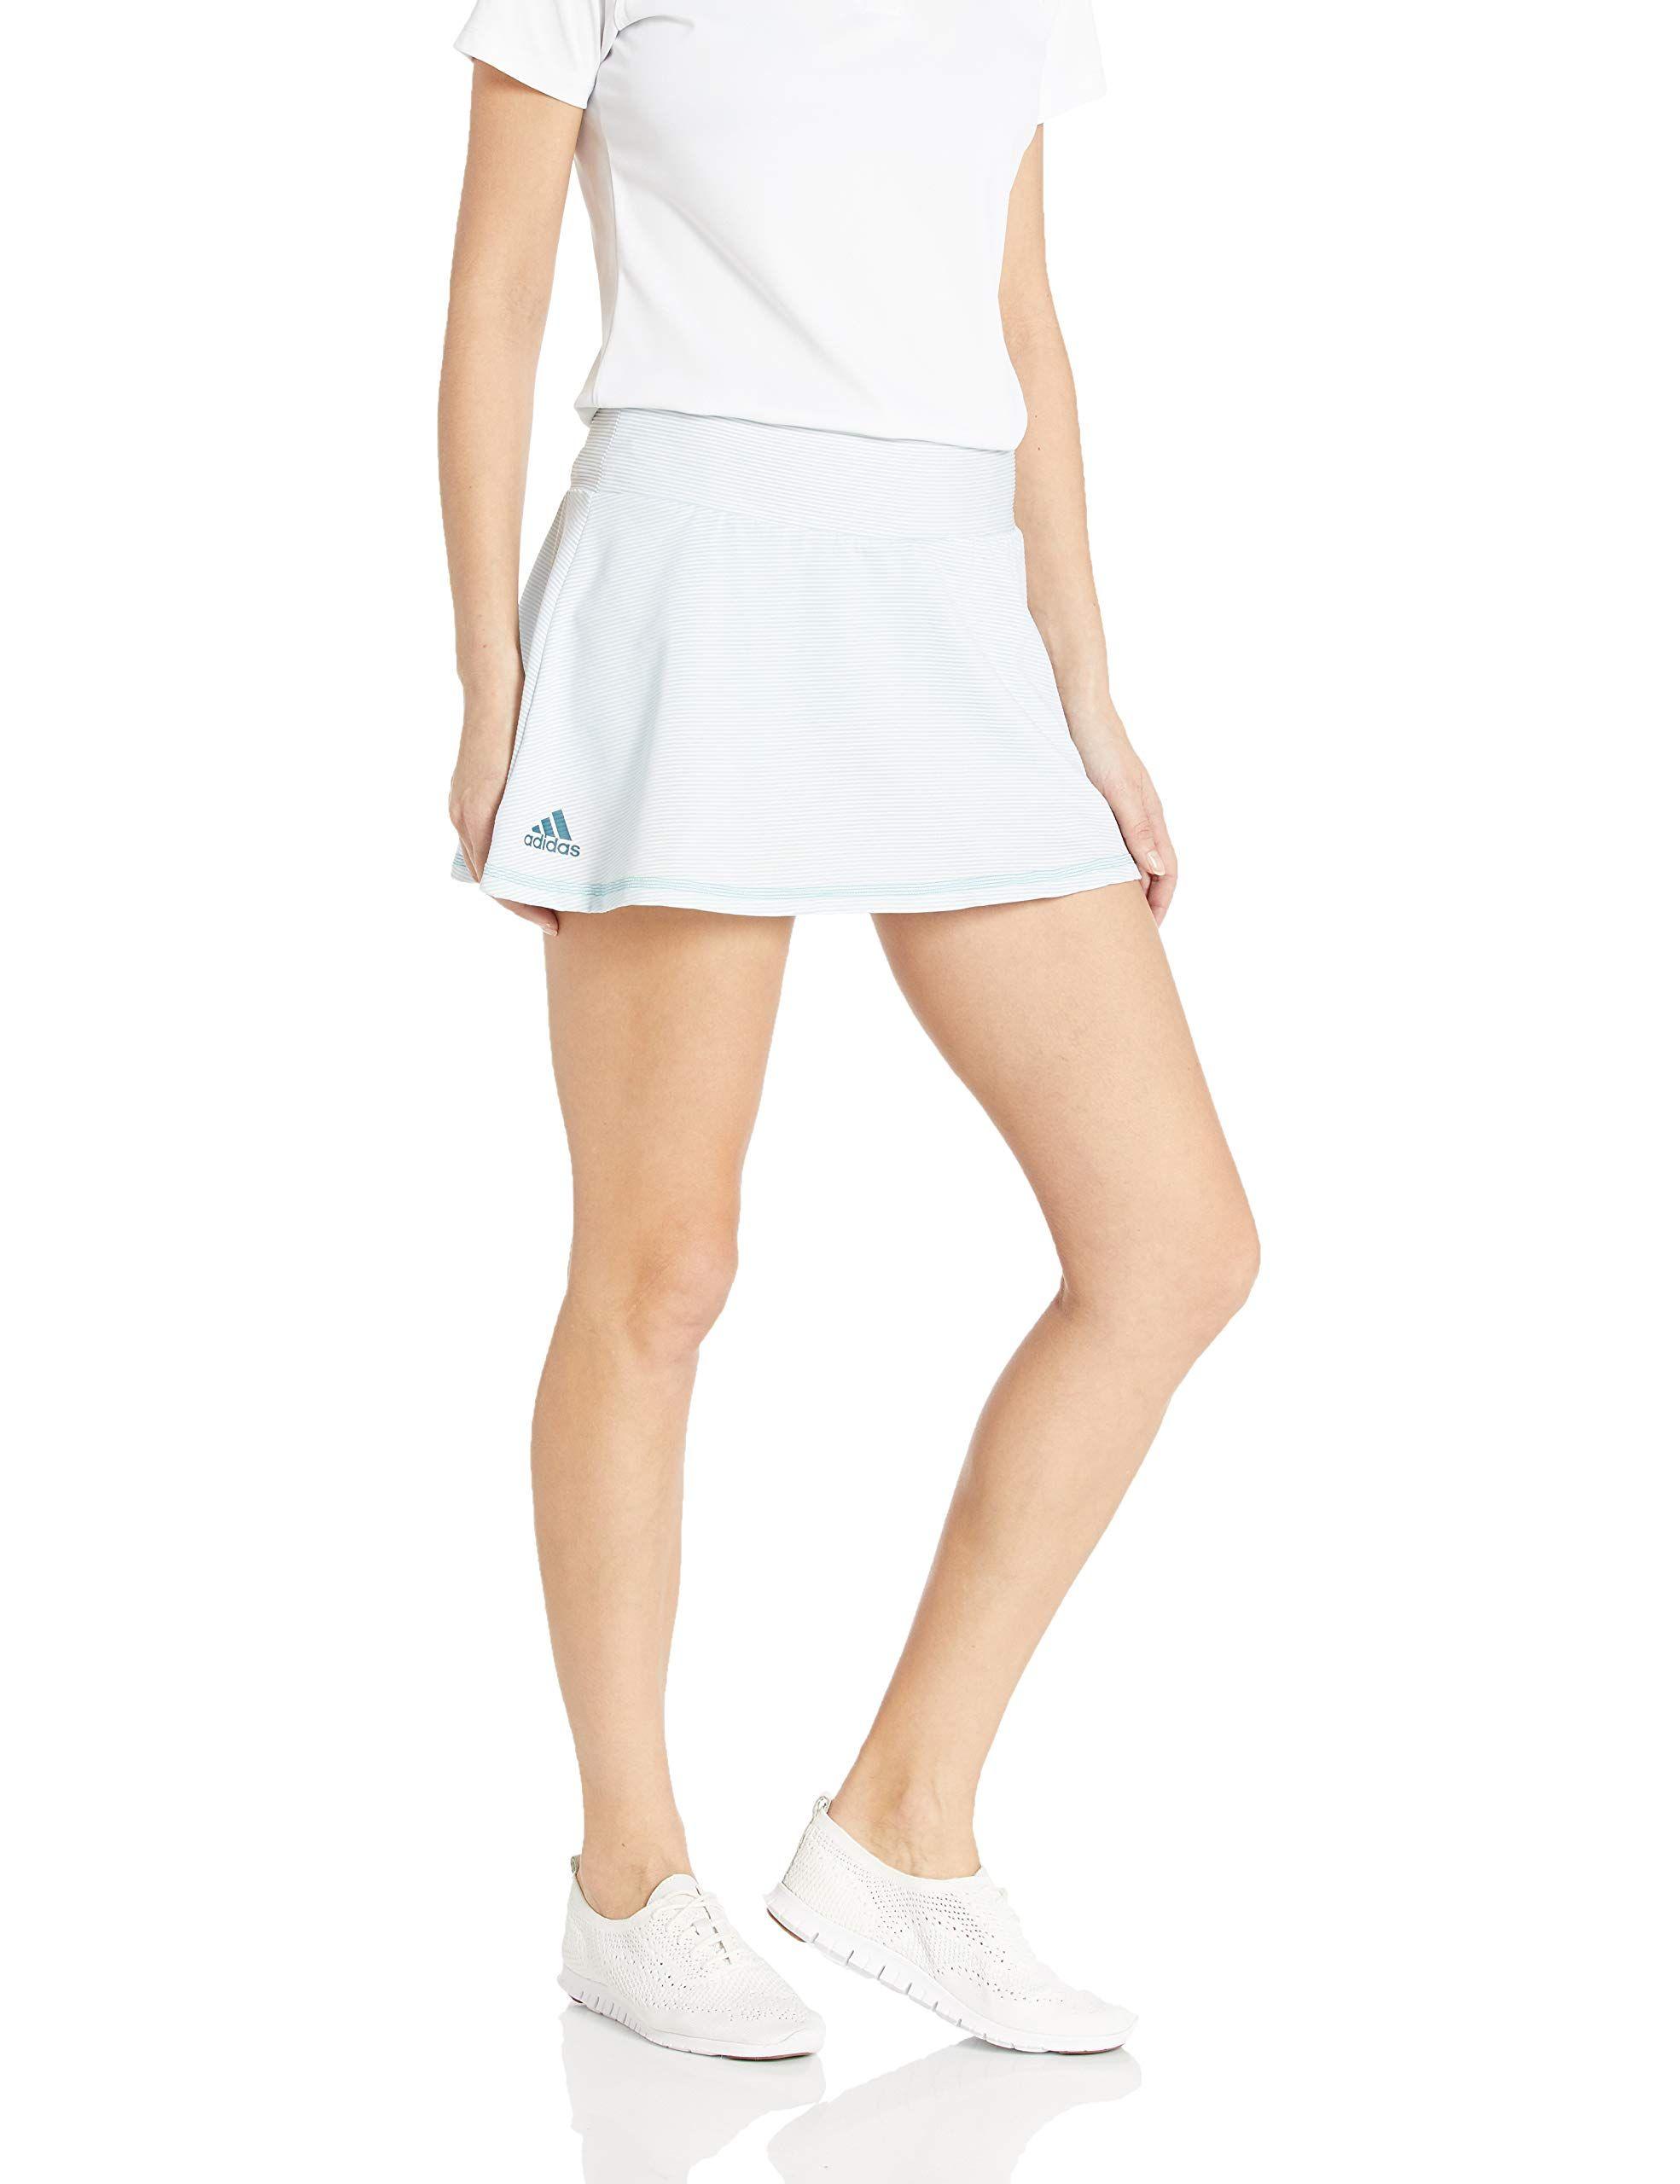 Buy Adidas Women S Parley Skirt In 2020 Tennis Skirt Outfit Adidas Women Tennis Skirt